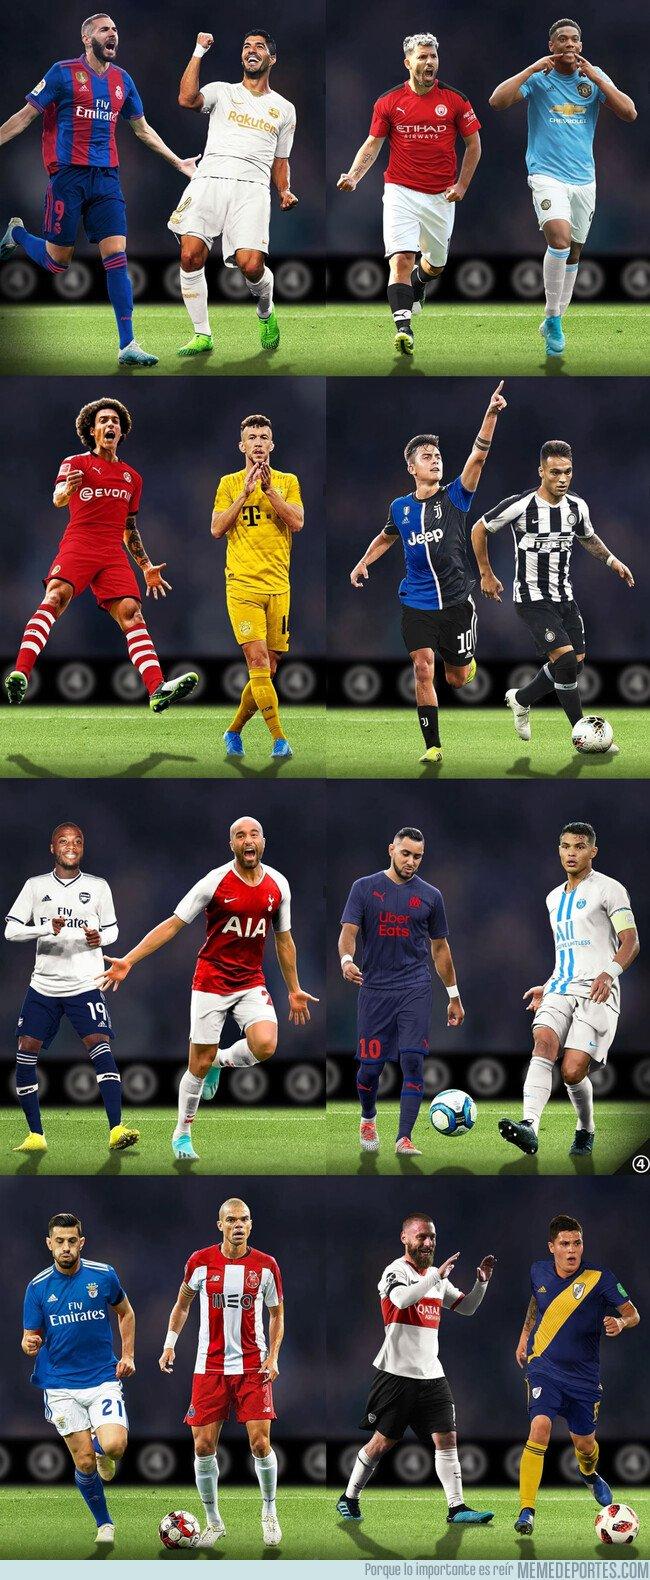 1089641 - Si los equipos intercambiasen colores con sus eternos rivales, por @433